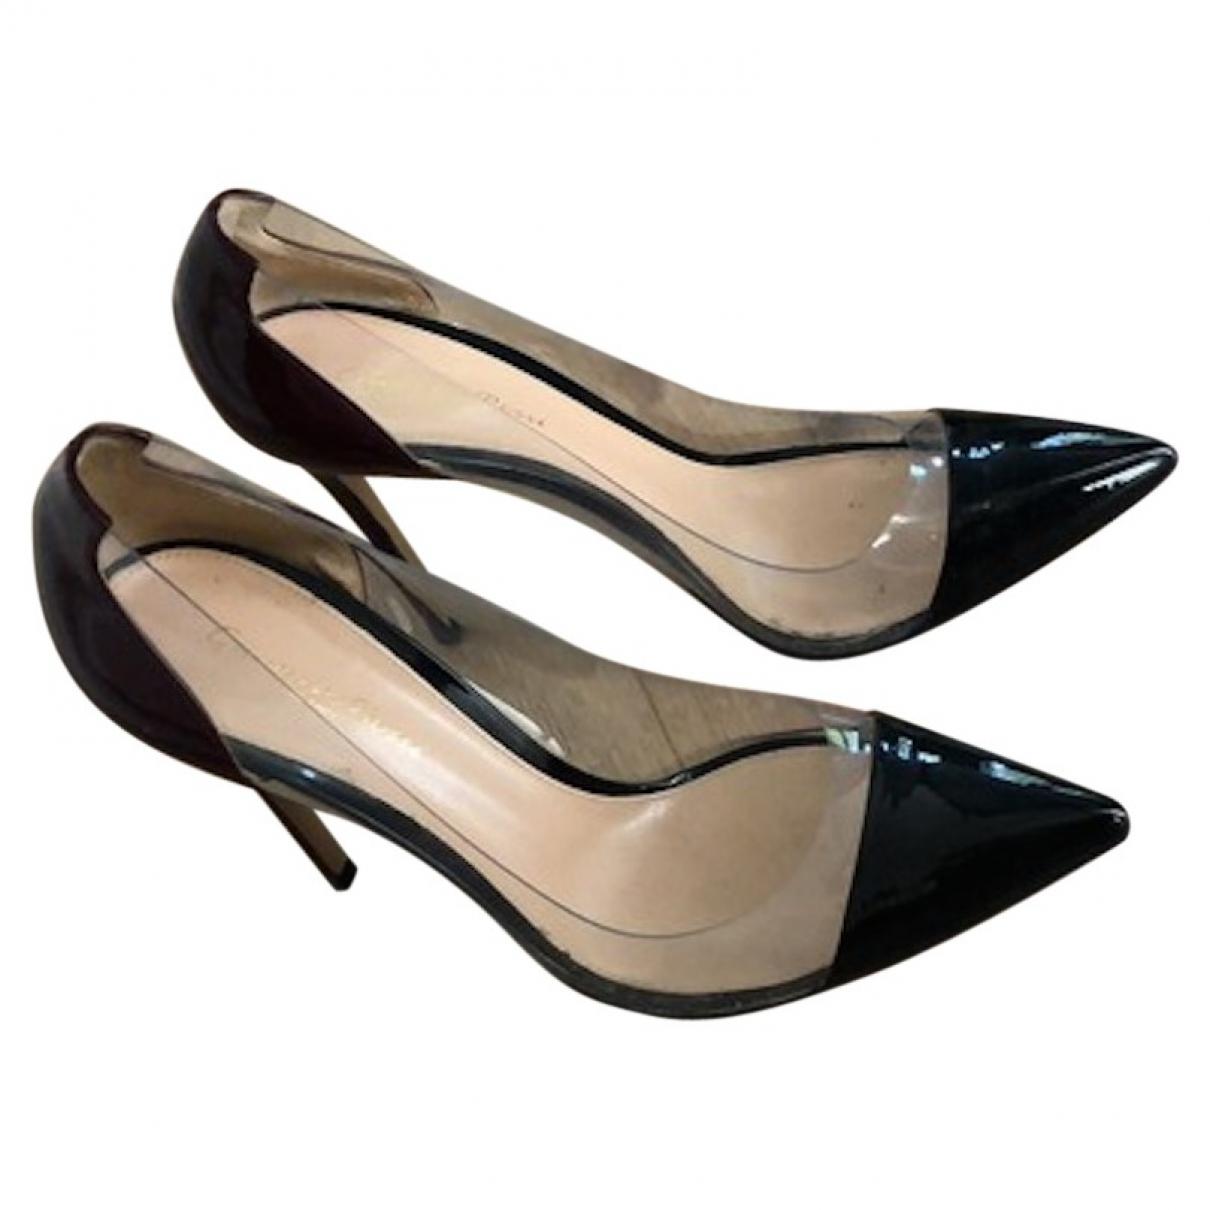 Gianvito Rossi - Escarpins Plexi pour femme en cuir verni - noir